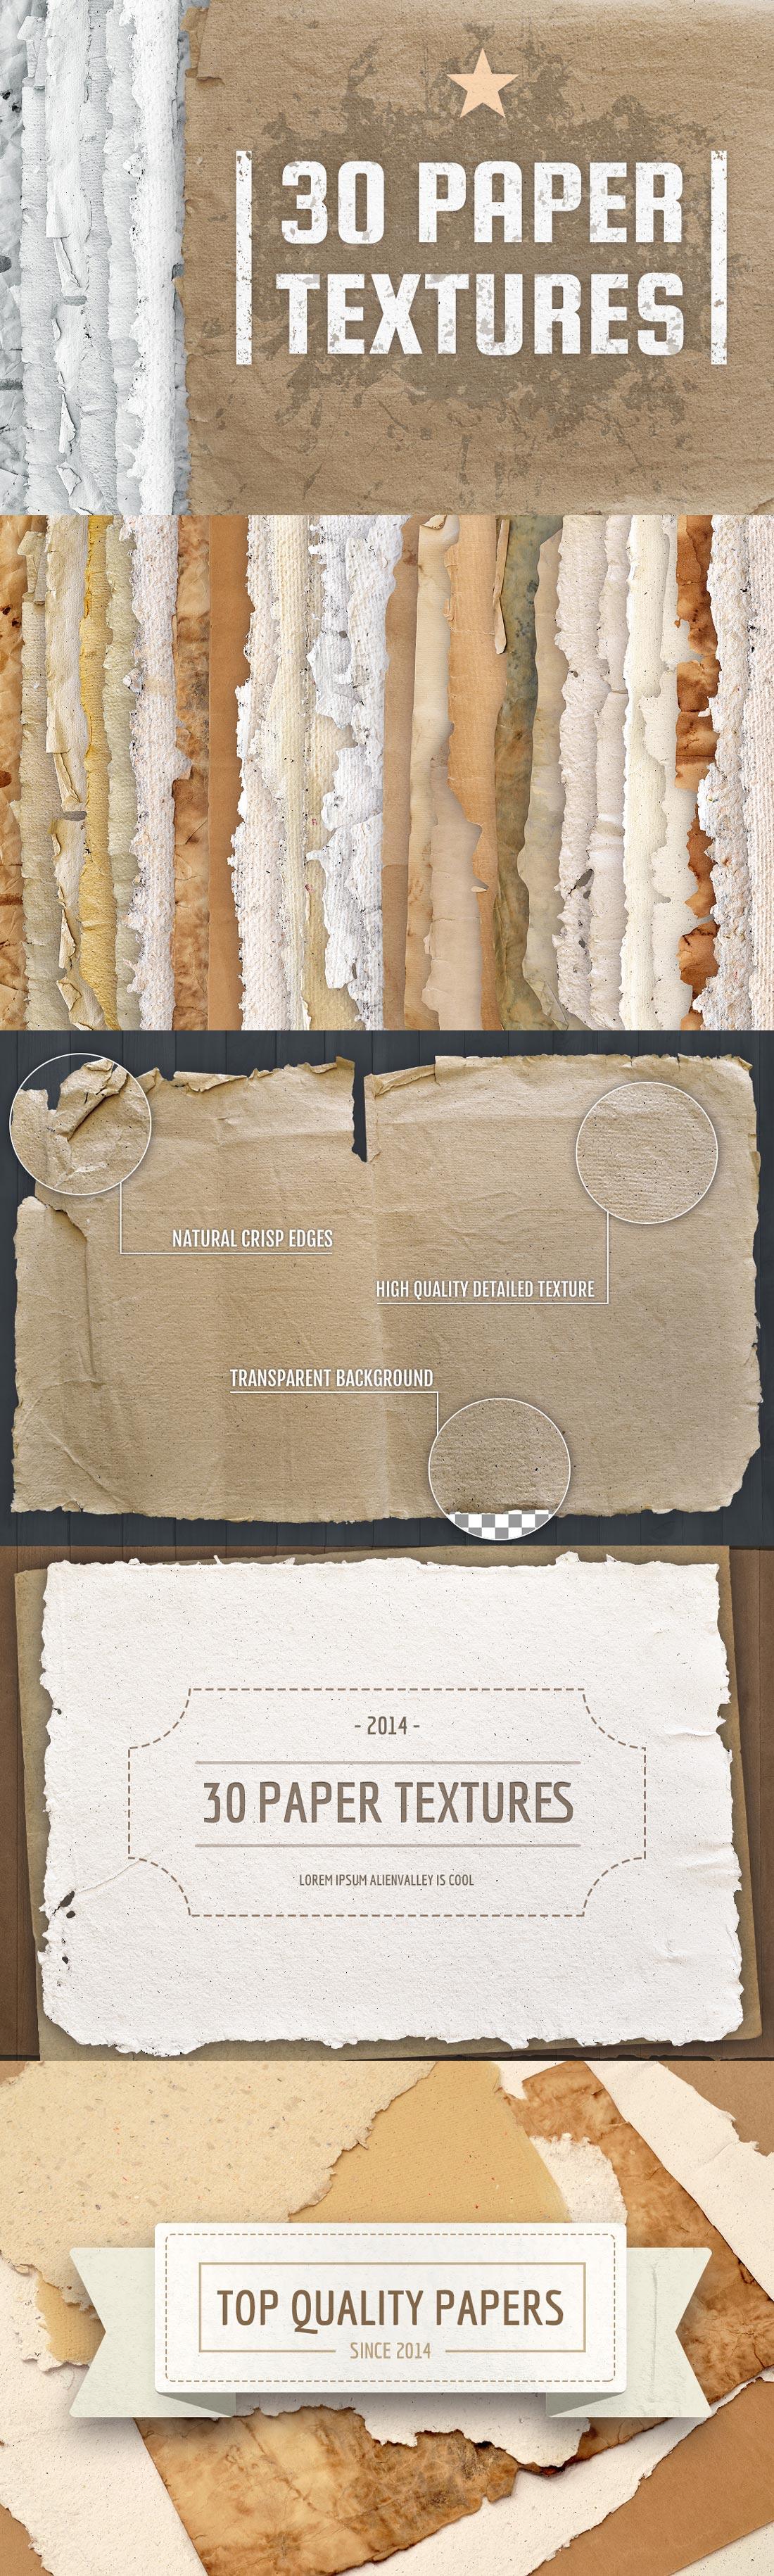 7--30-paper-textures